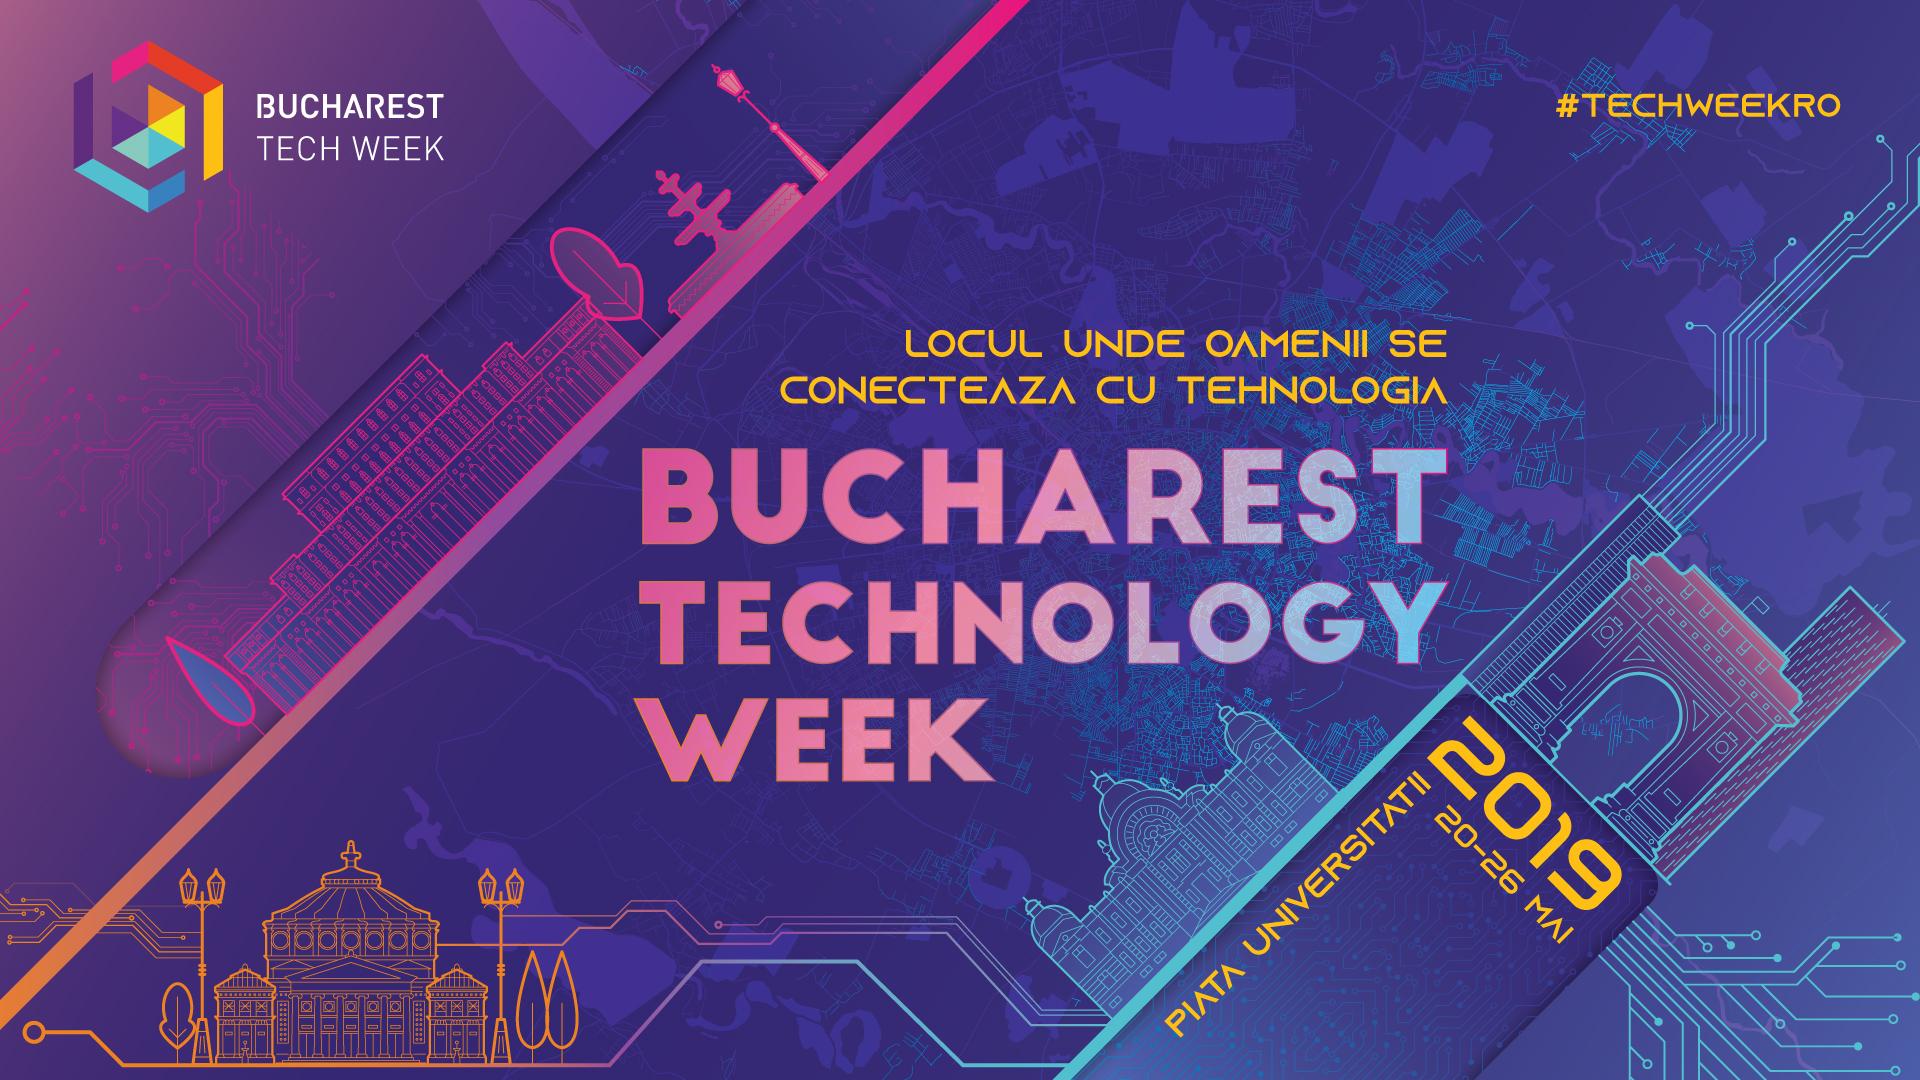 Festivalul Bucharest Tech Week pentru al patrulea an consecutiv